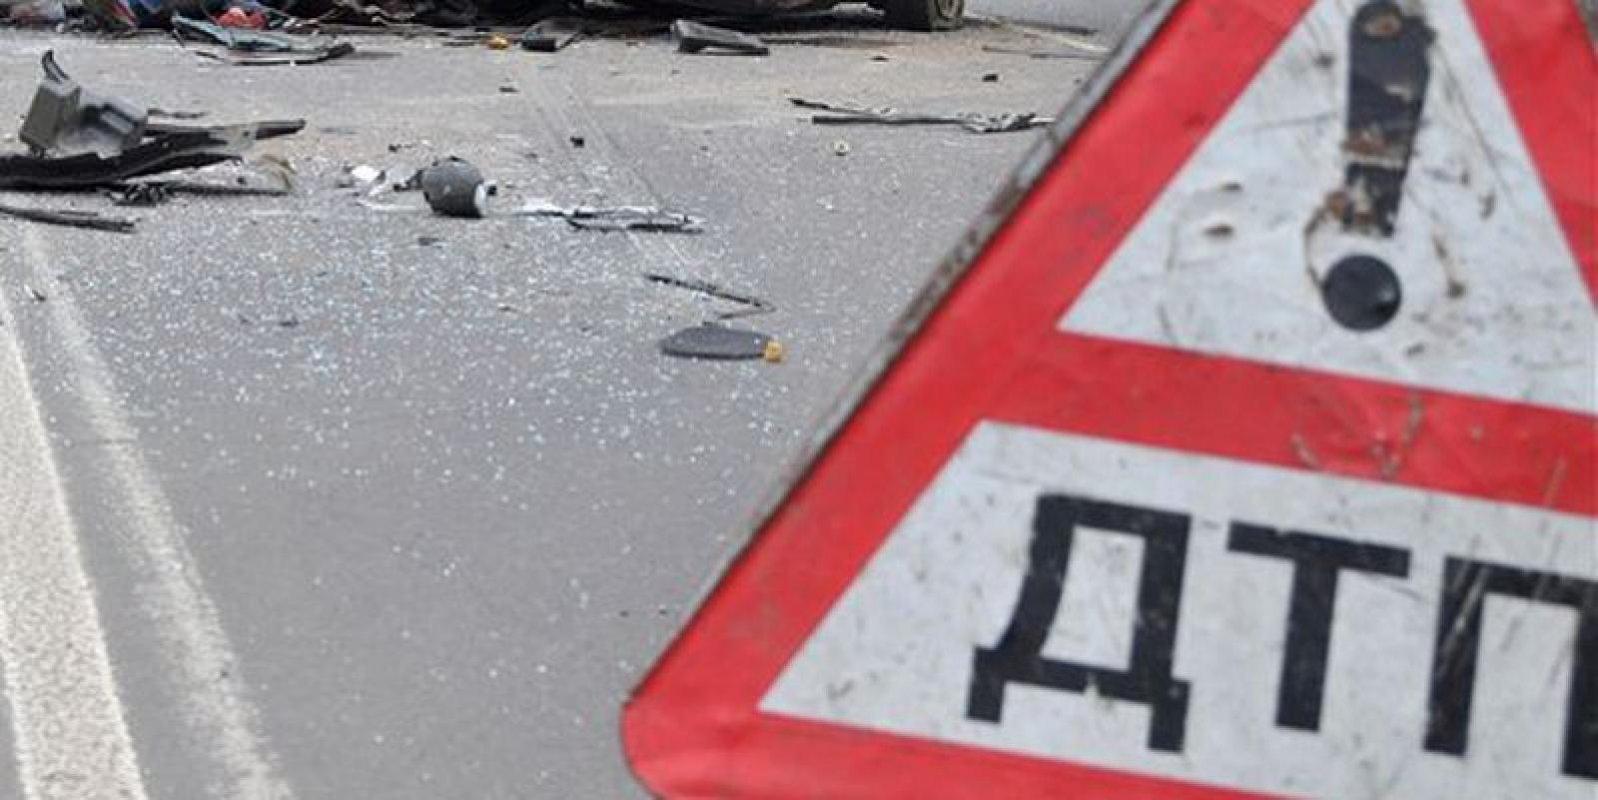 Пассажирский автобус попал в крупную аварию под Феодосией, есть пострадавшие